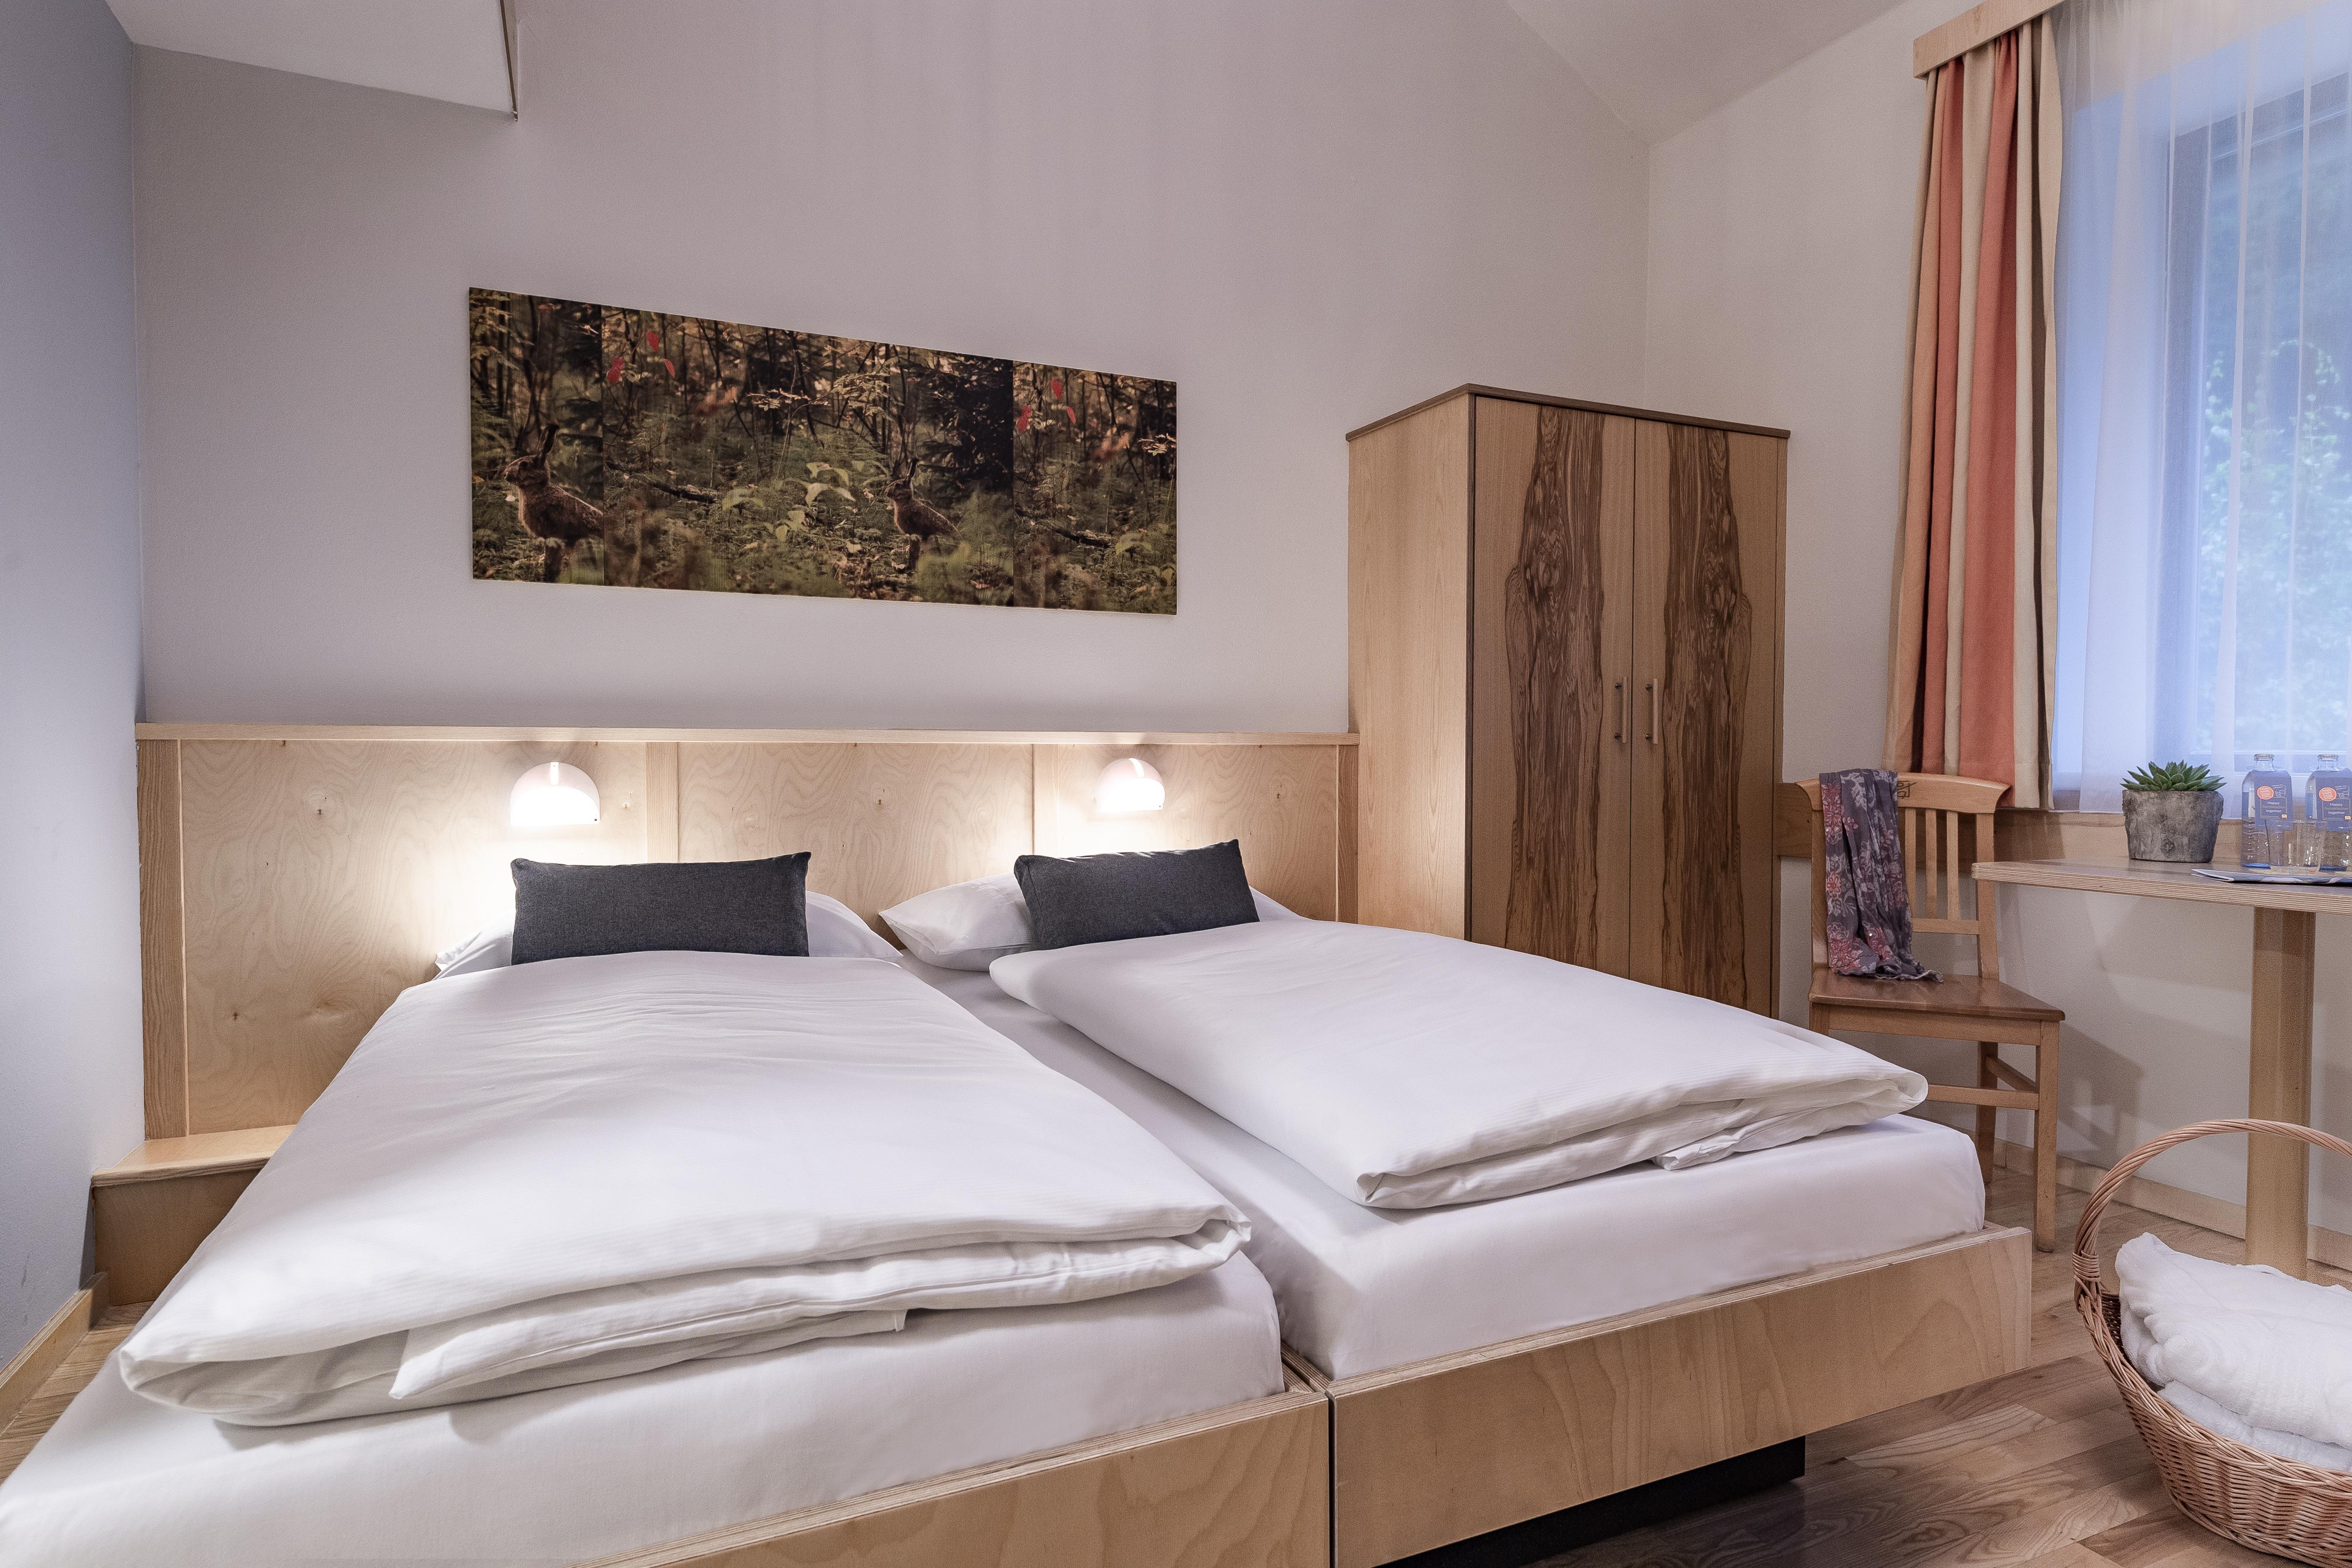 Sie sehen ein Doppelbett in einem Doppelzimmer im JUFA Natur-Hotel Bruck mit Wandbild. JUFA Hotels bietet Ihnen den Ort für erlebnisreichen Natururlaub für die ganze Familie.